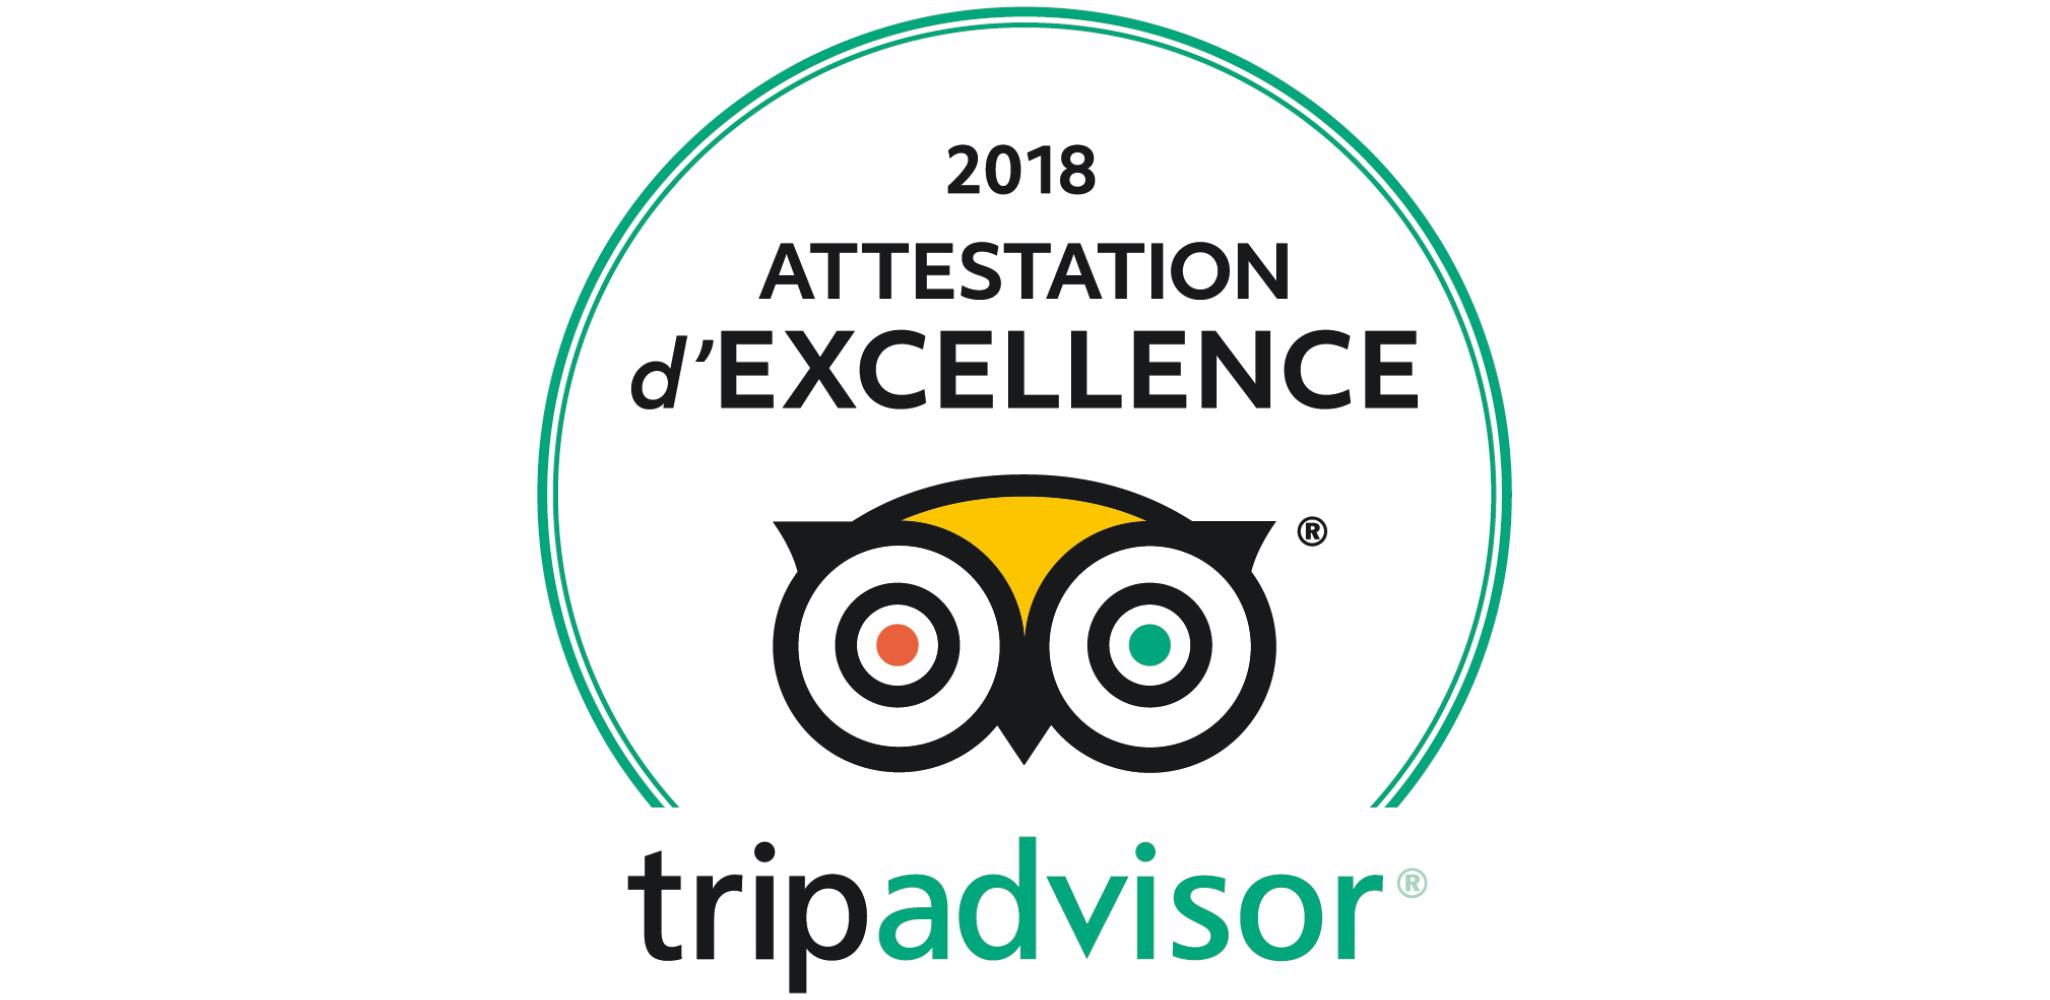 """Résultat de recherche d'images pour """"attestation excellence tripadvisor 2018"""""""